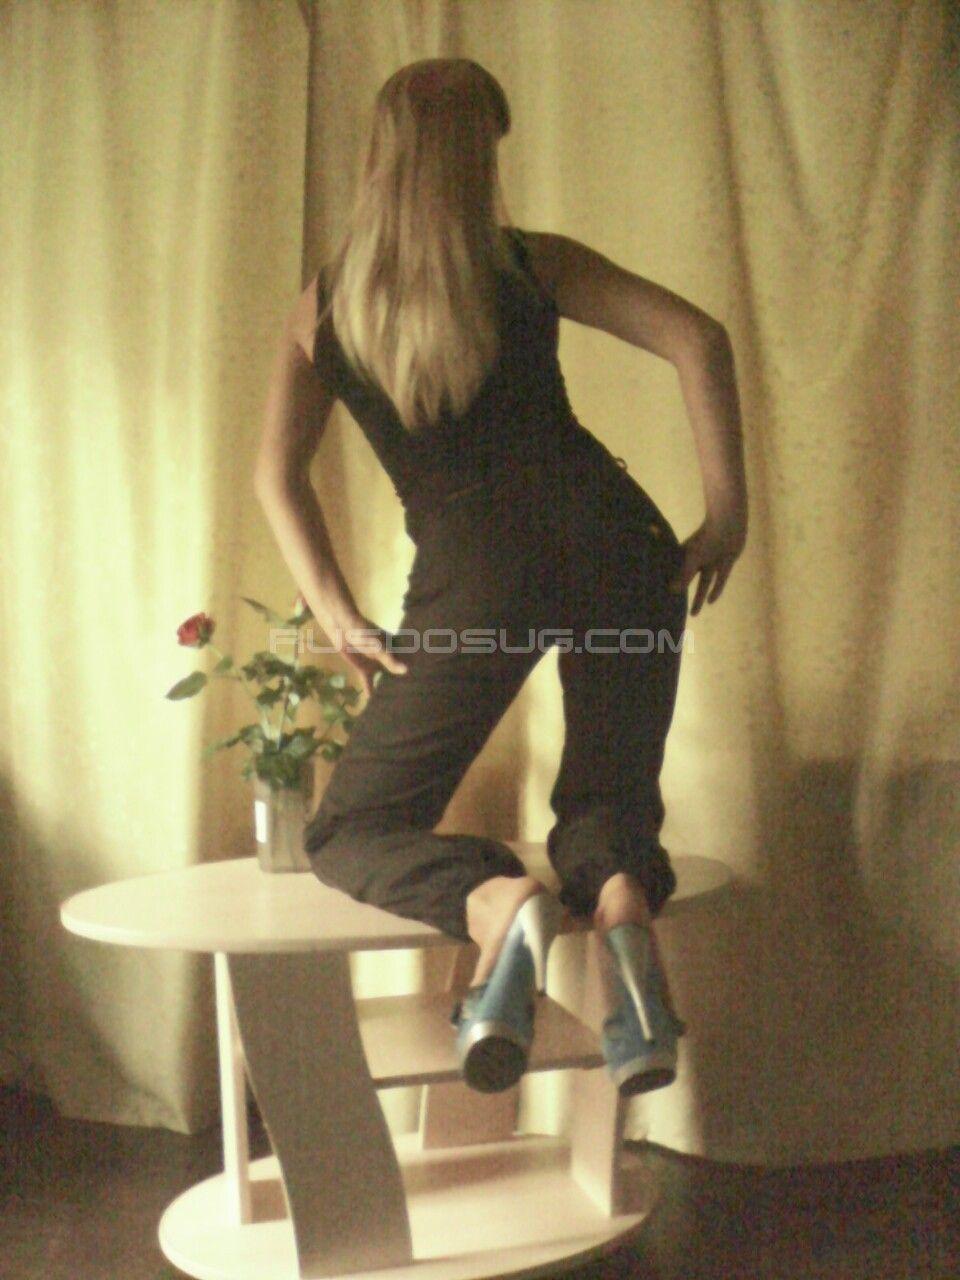 Экспресс Программа Проституток